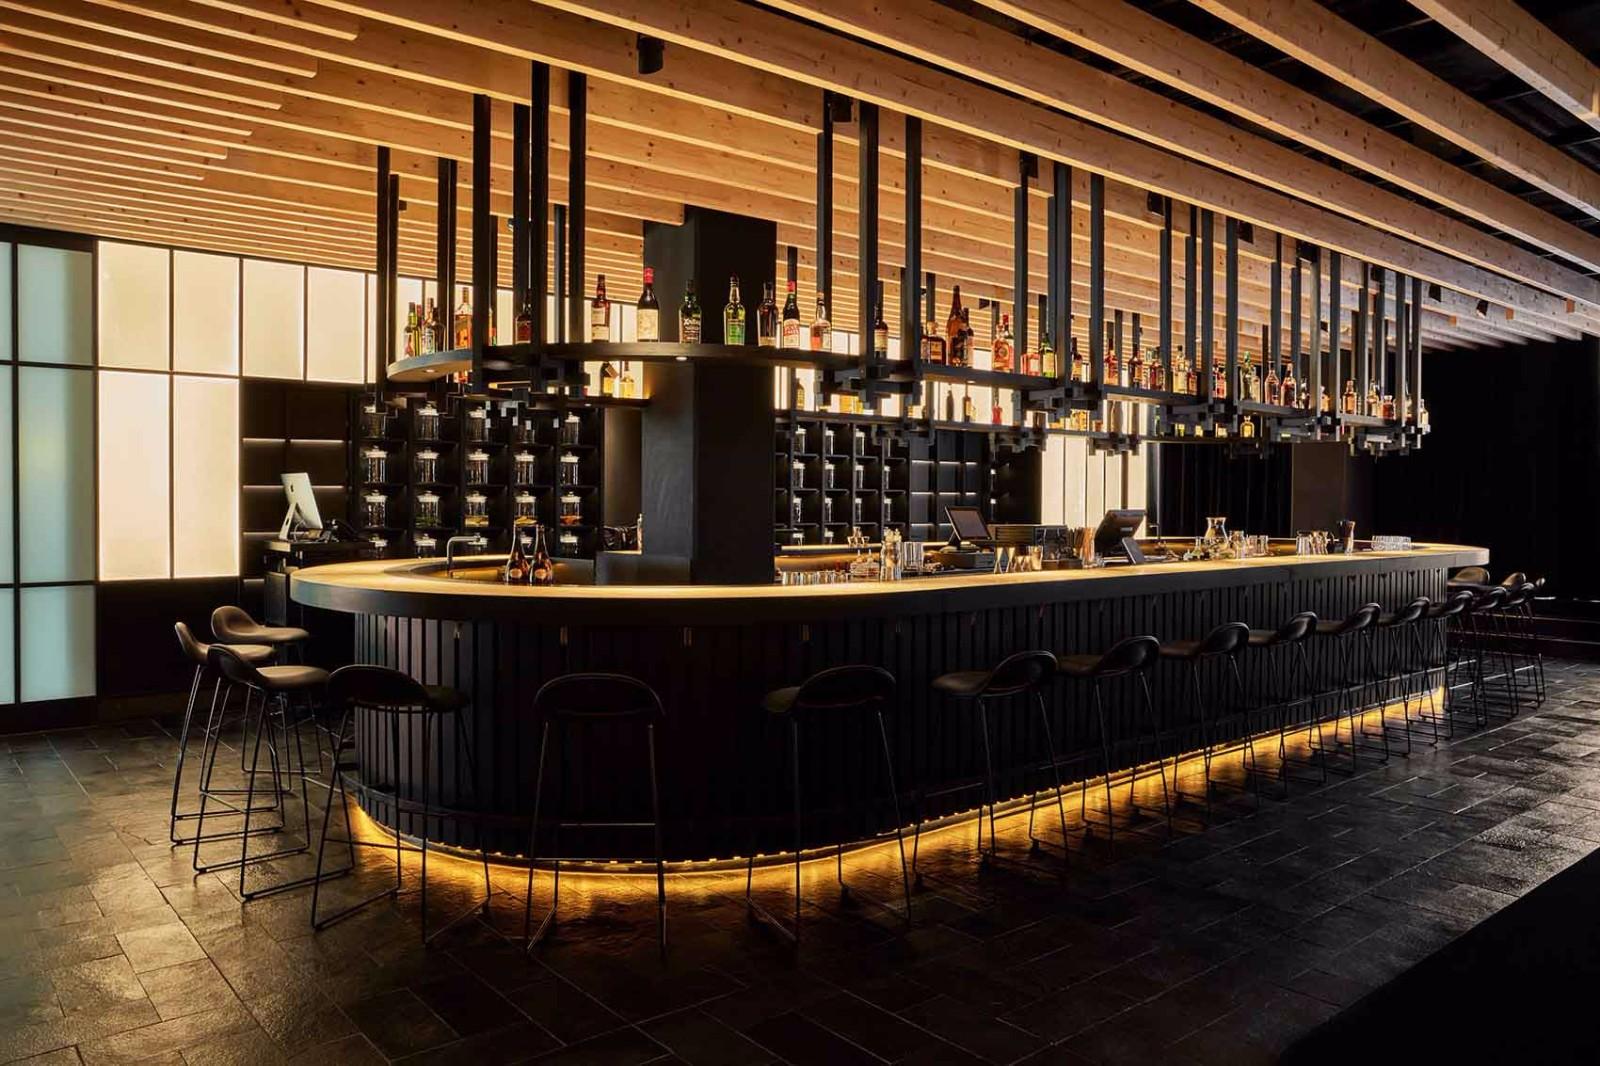 上海裝修公司|酒吧裝修設計你知道嗎,不懂靈感的人不能經營酒吧